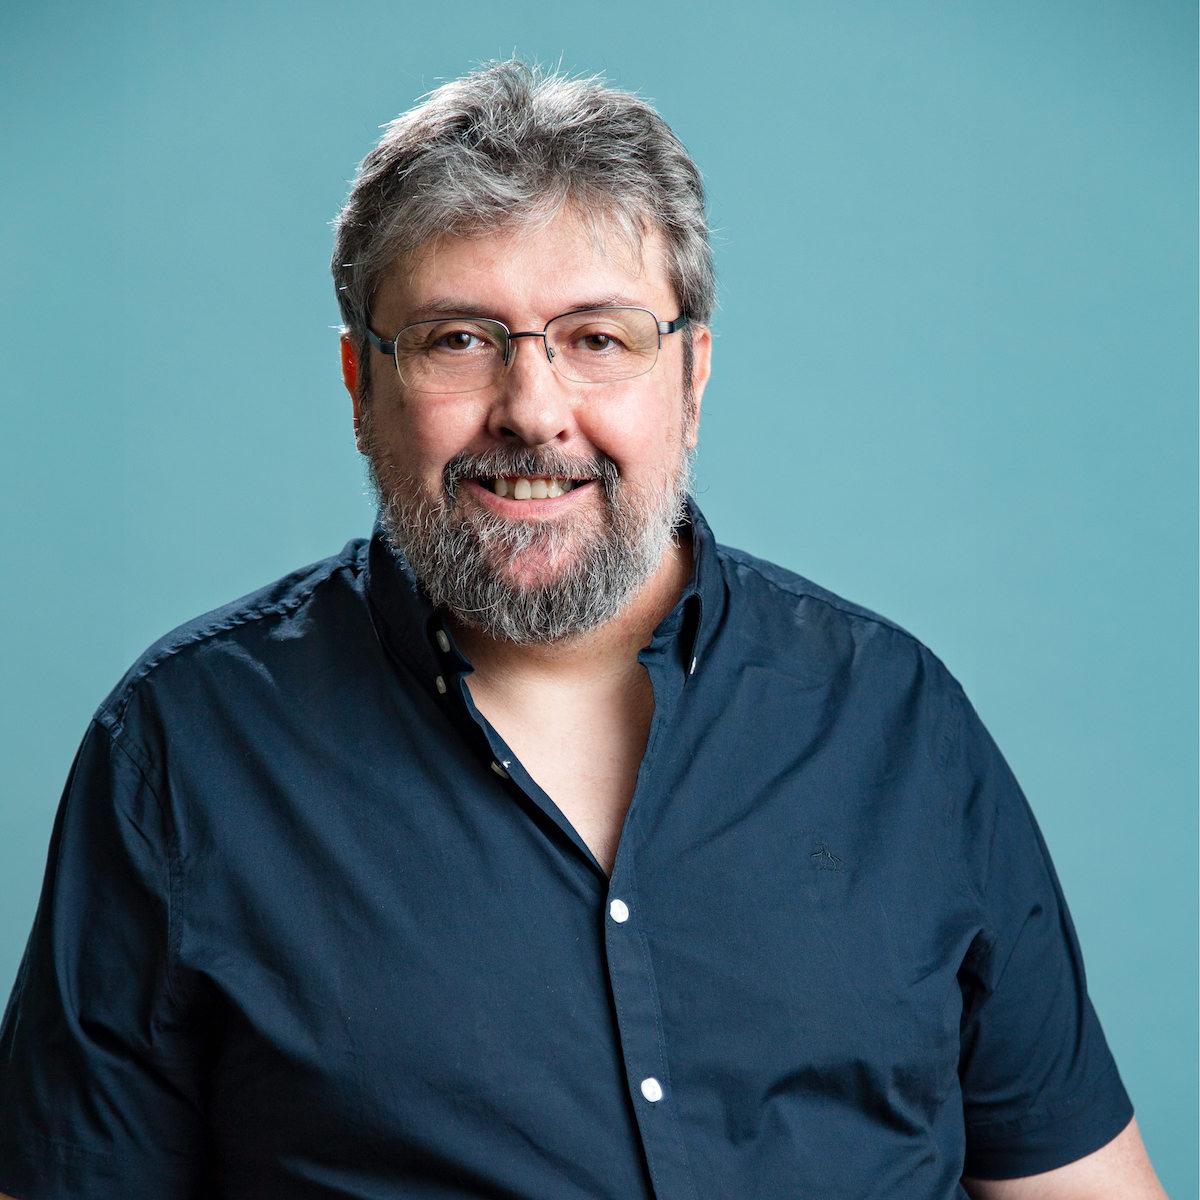 Dennis Jebb